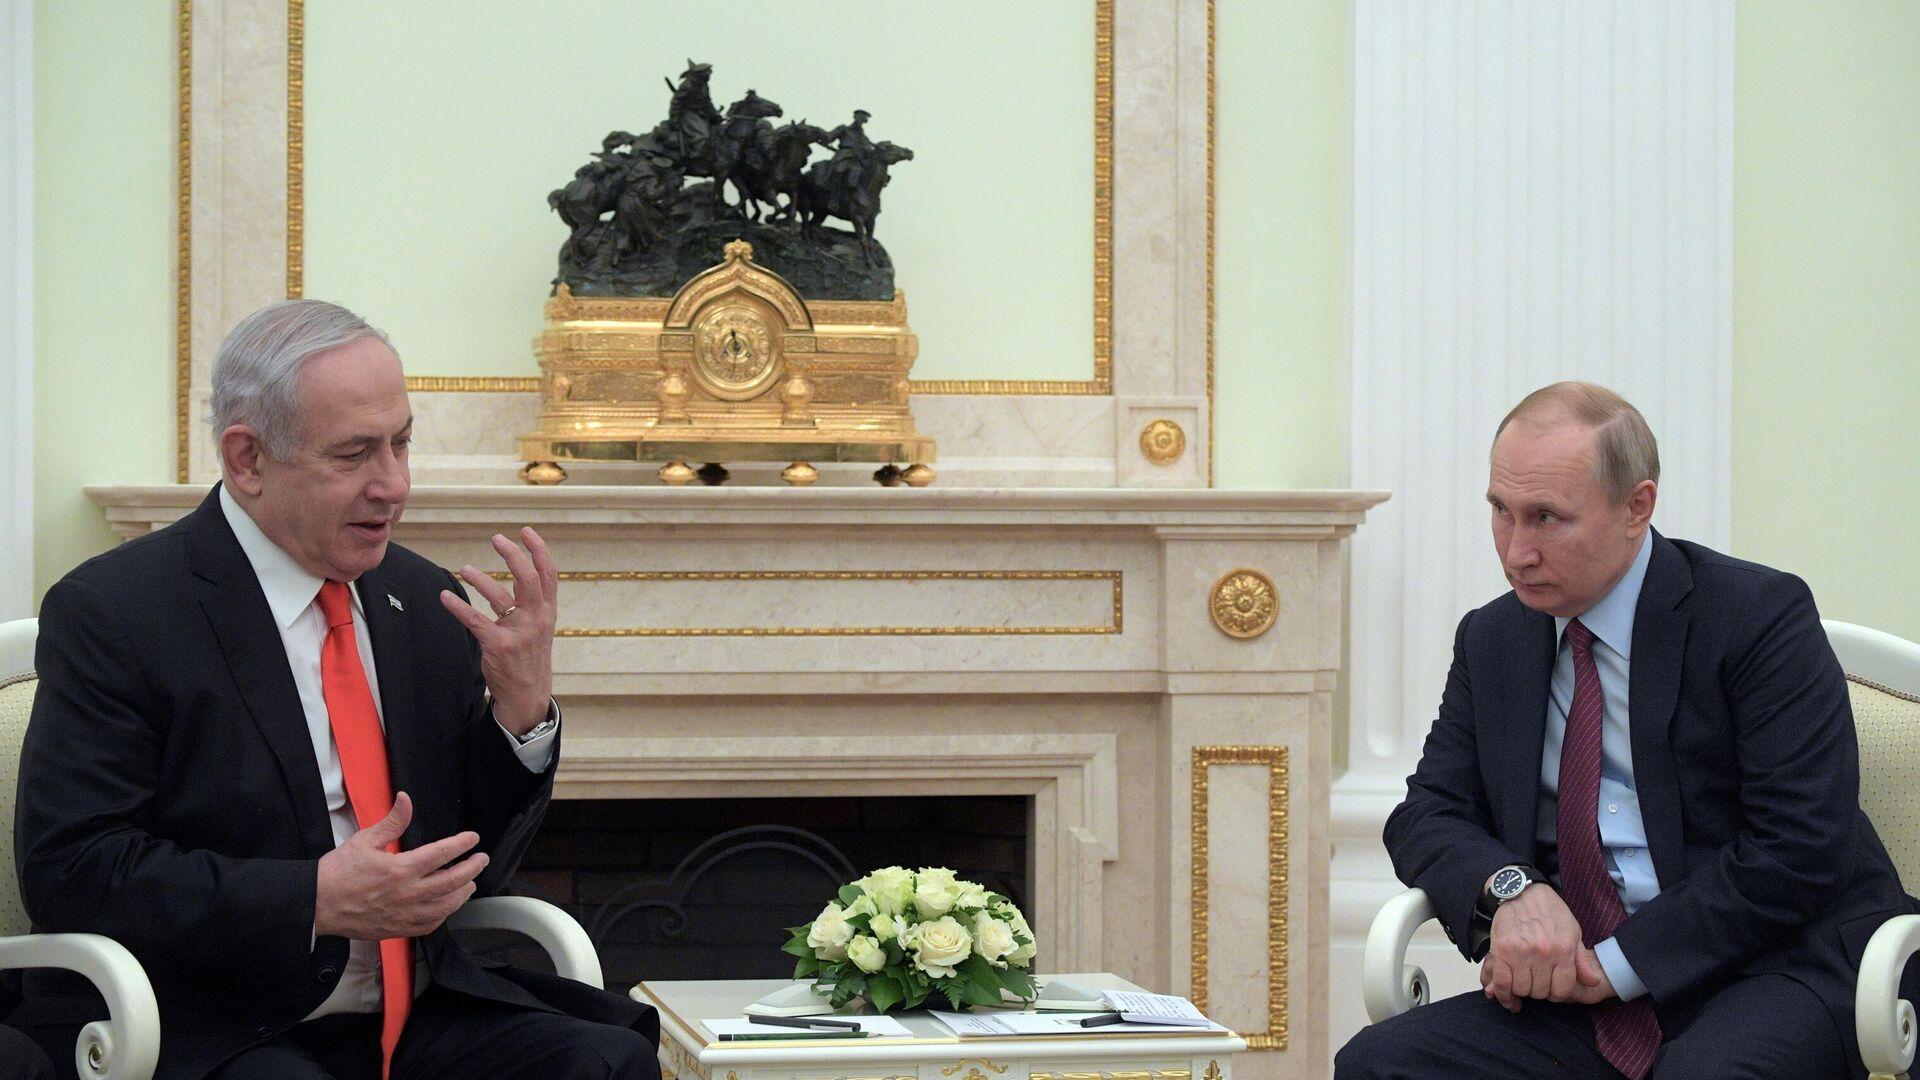 Президент РФ Владимир Путин и премьер-министр Израиля Биньямин Нетаньяху во время встречи - РИА Новости, 1920, 14.10.2021